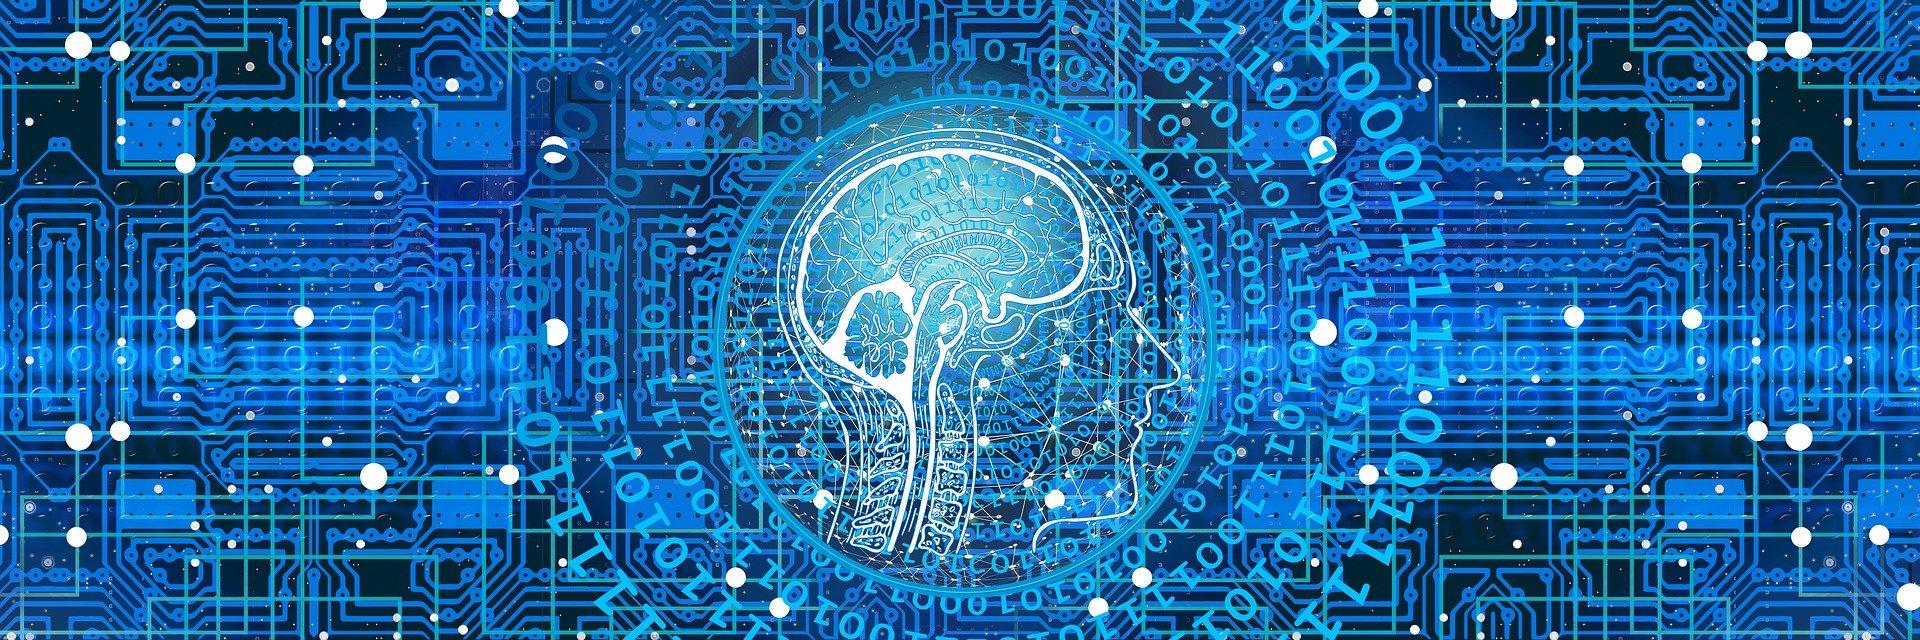 Impulsen-beheersen-hersenen